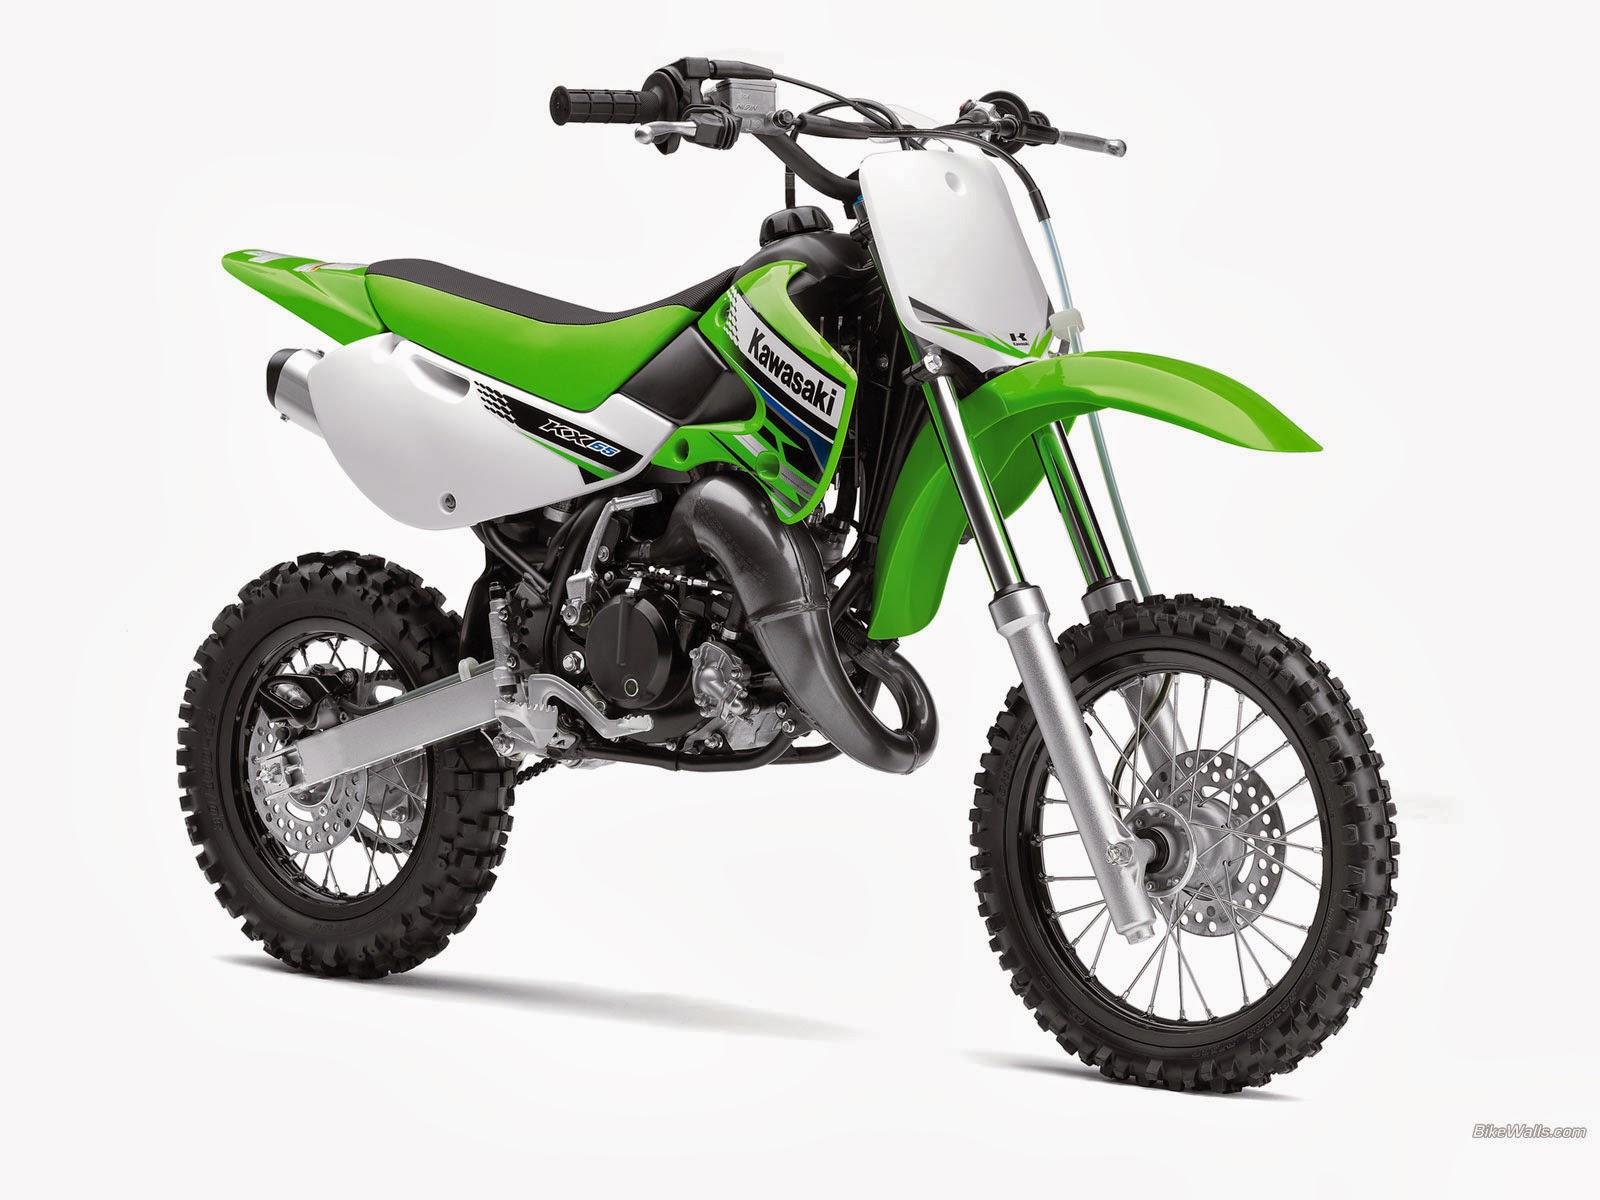 Kawasaki Kx 65 Kawasaki Motor